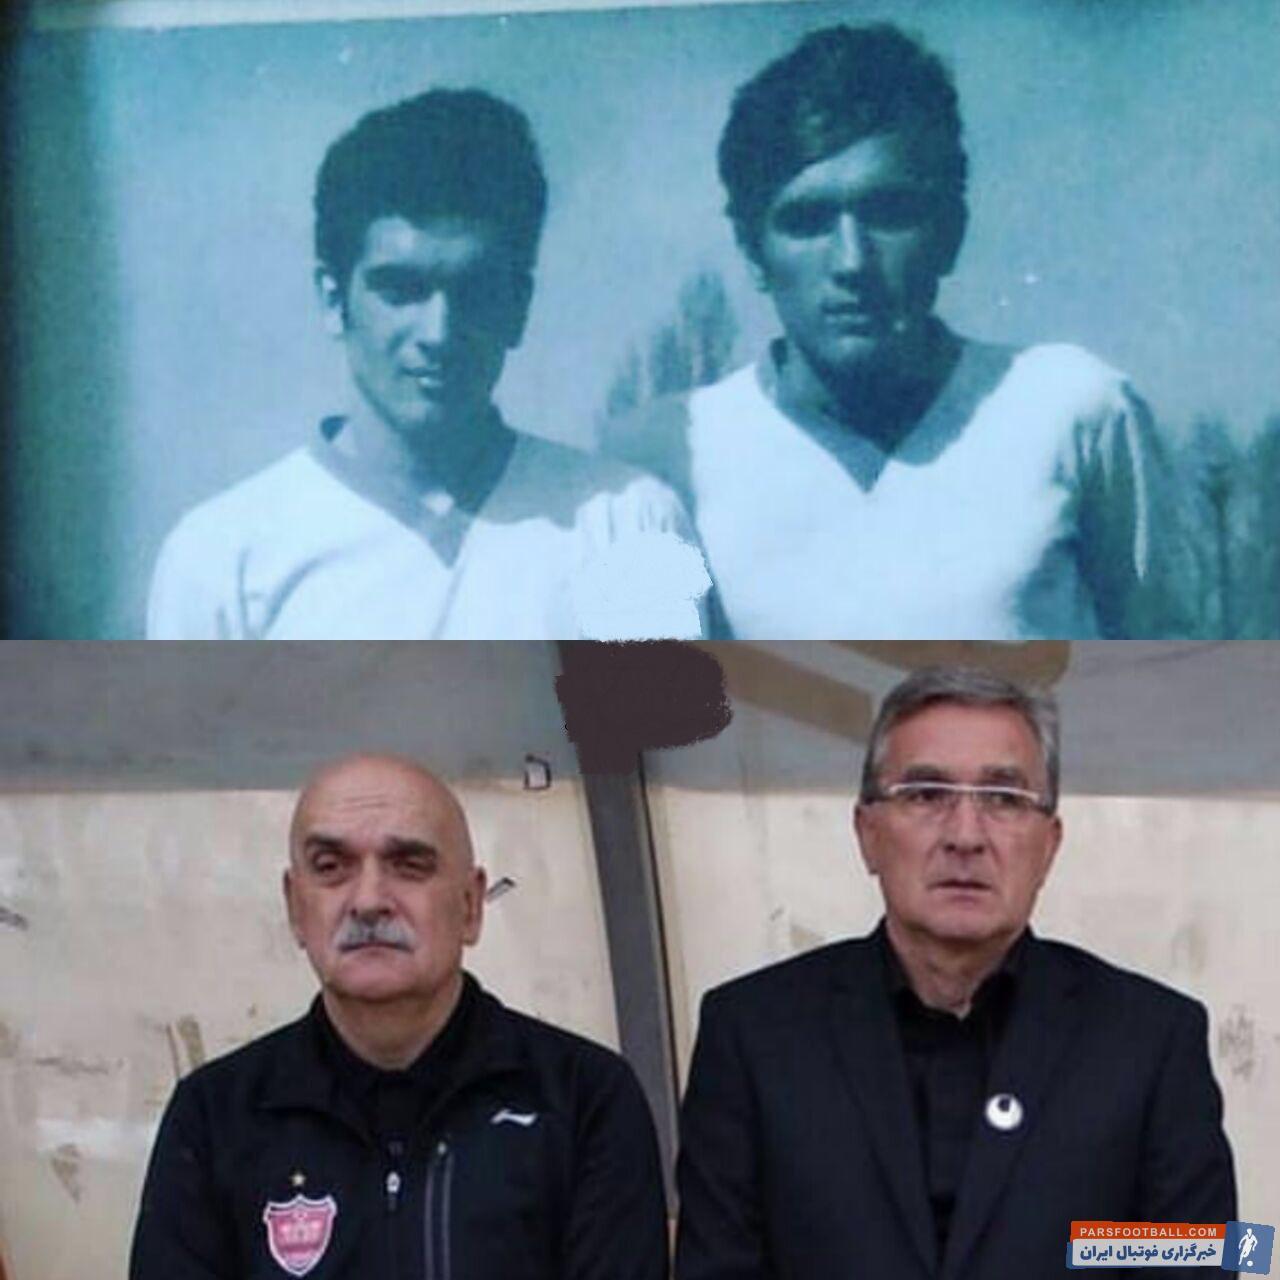 زلاتکو ایوانکوویچ برادر برانکو سرمربی پرسپولیس استزلاتکو ایوانکوویچ سالیان سال در کنار او قرار دارد و هم اکنون نیز در پرسپولیس با او کار می کند.